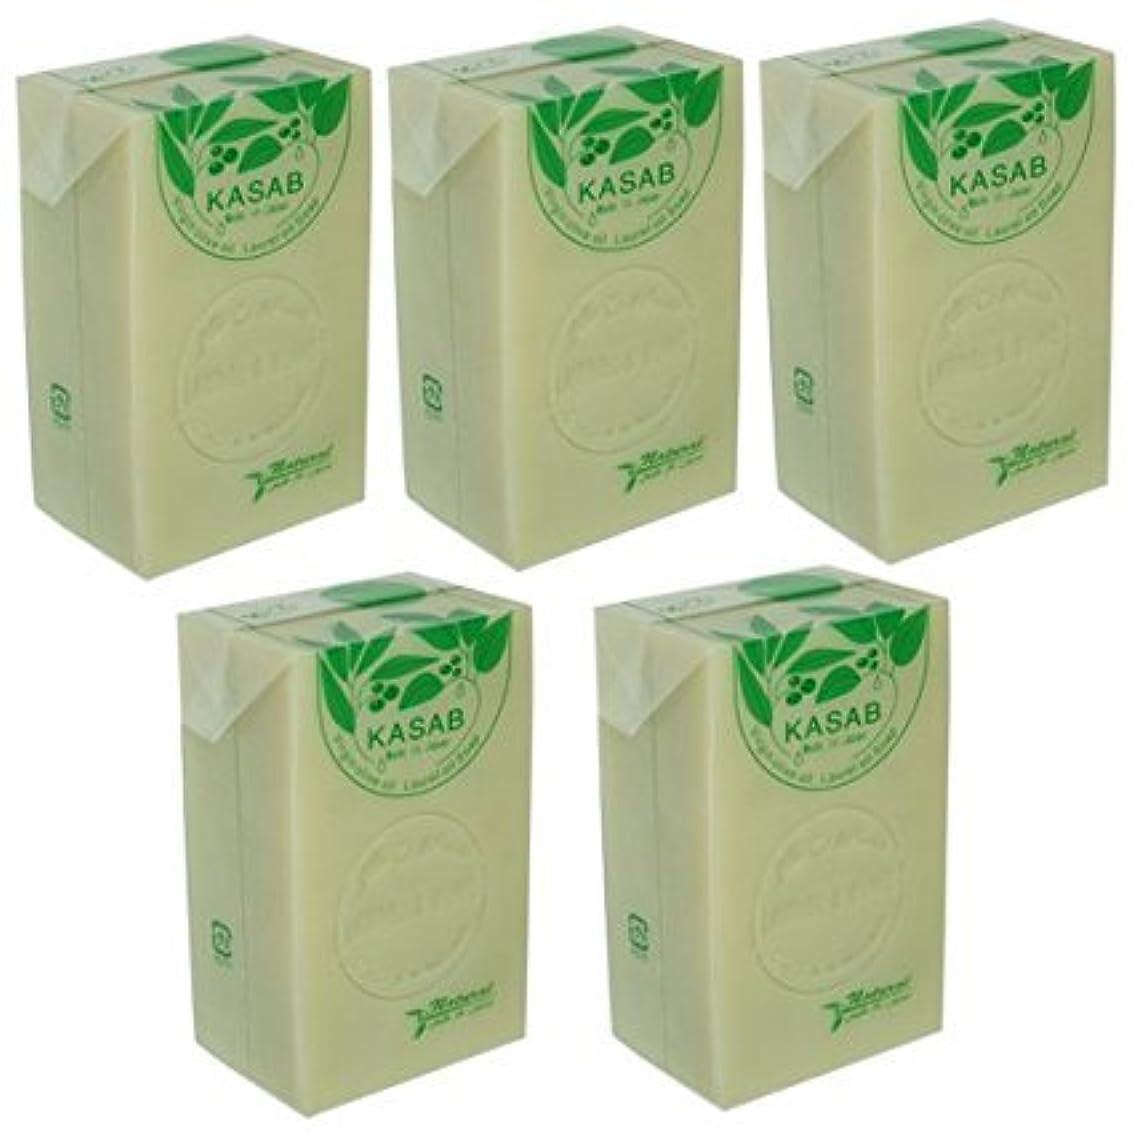 熱帯の便宜不健康カサブ石鹸5個セット